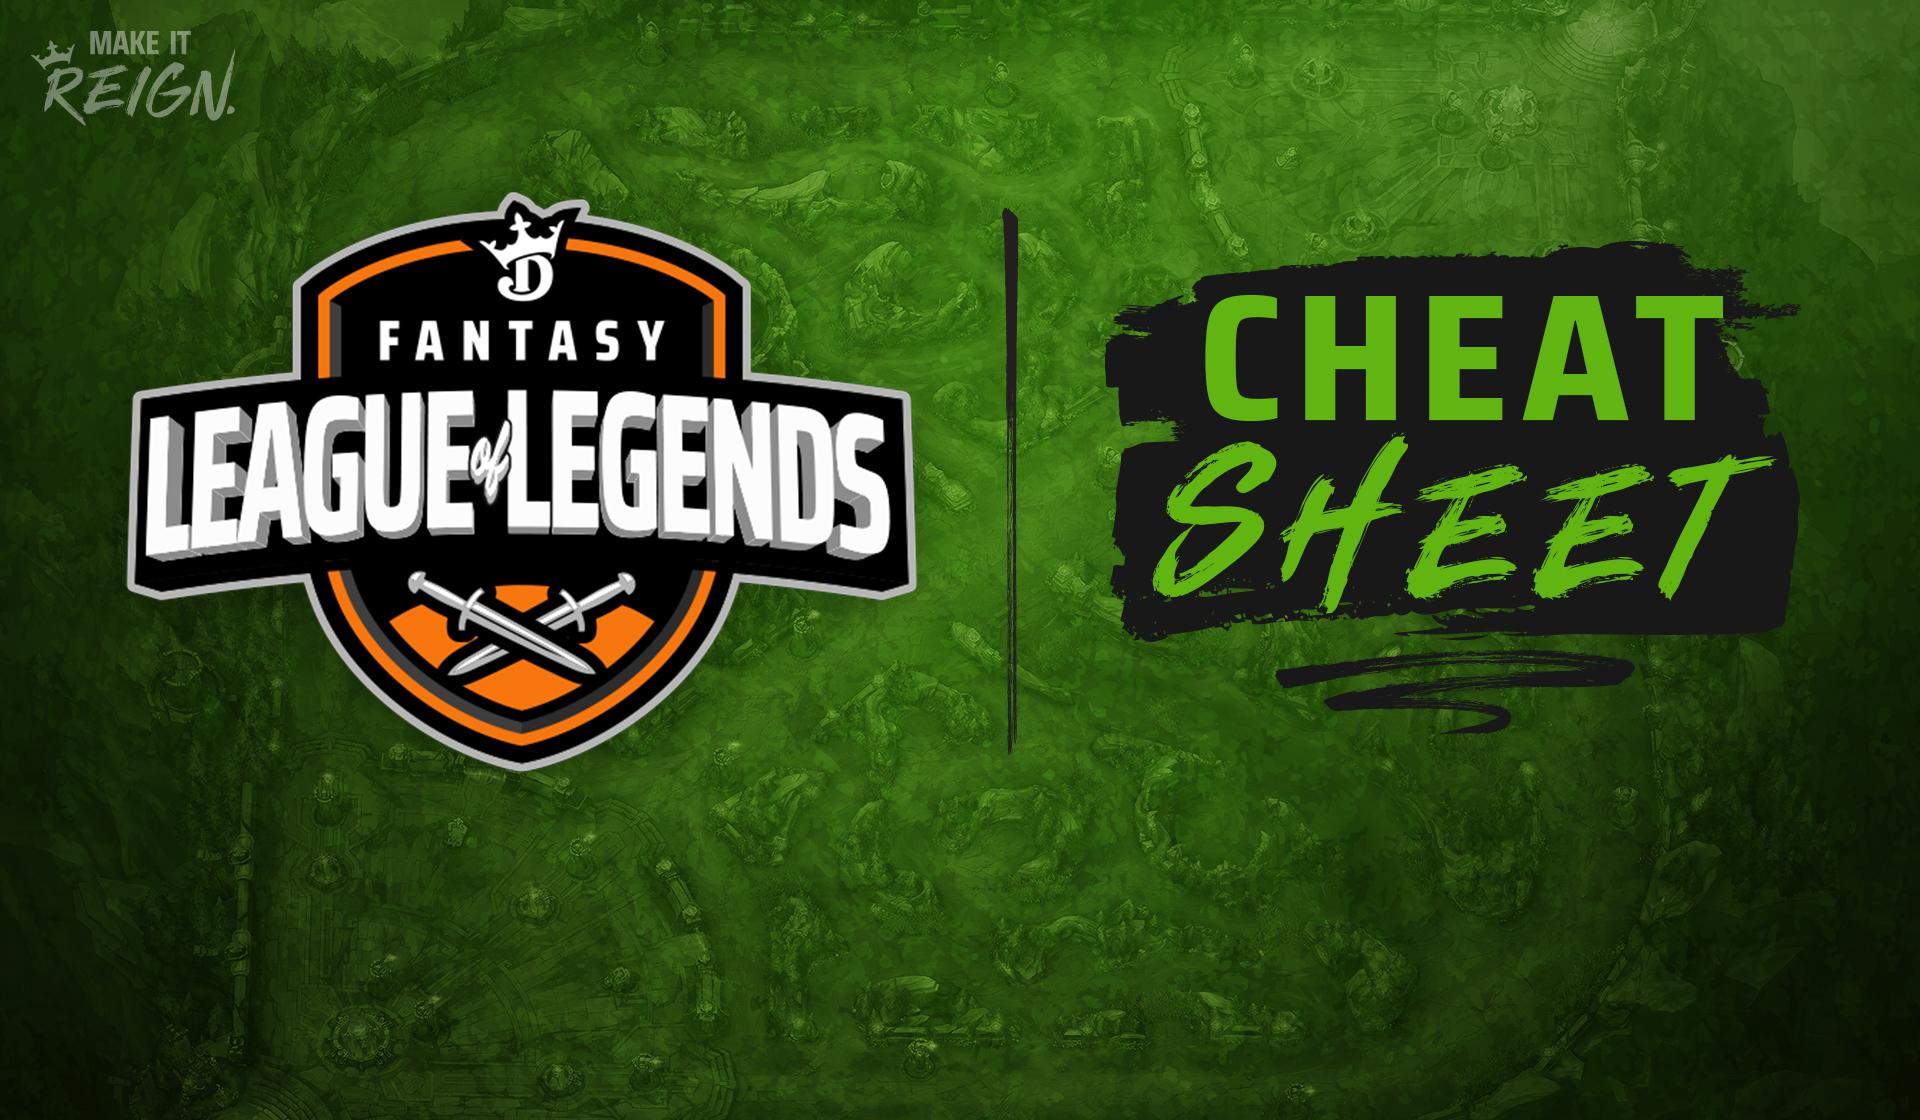 League of Legends Cheat Sheet